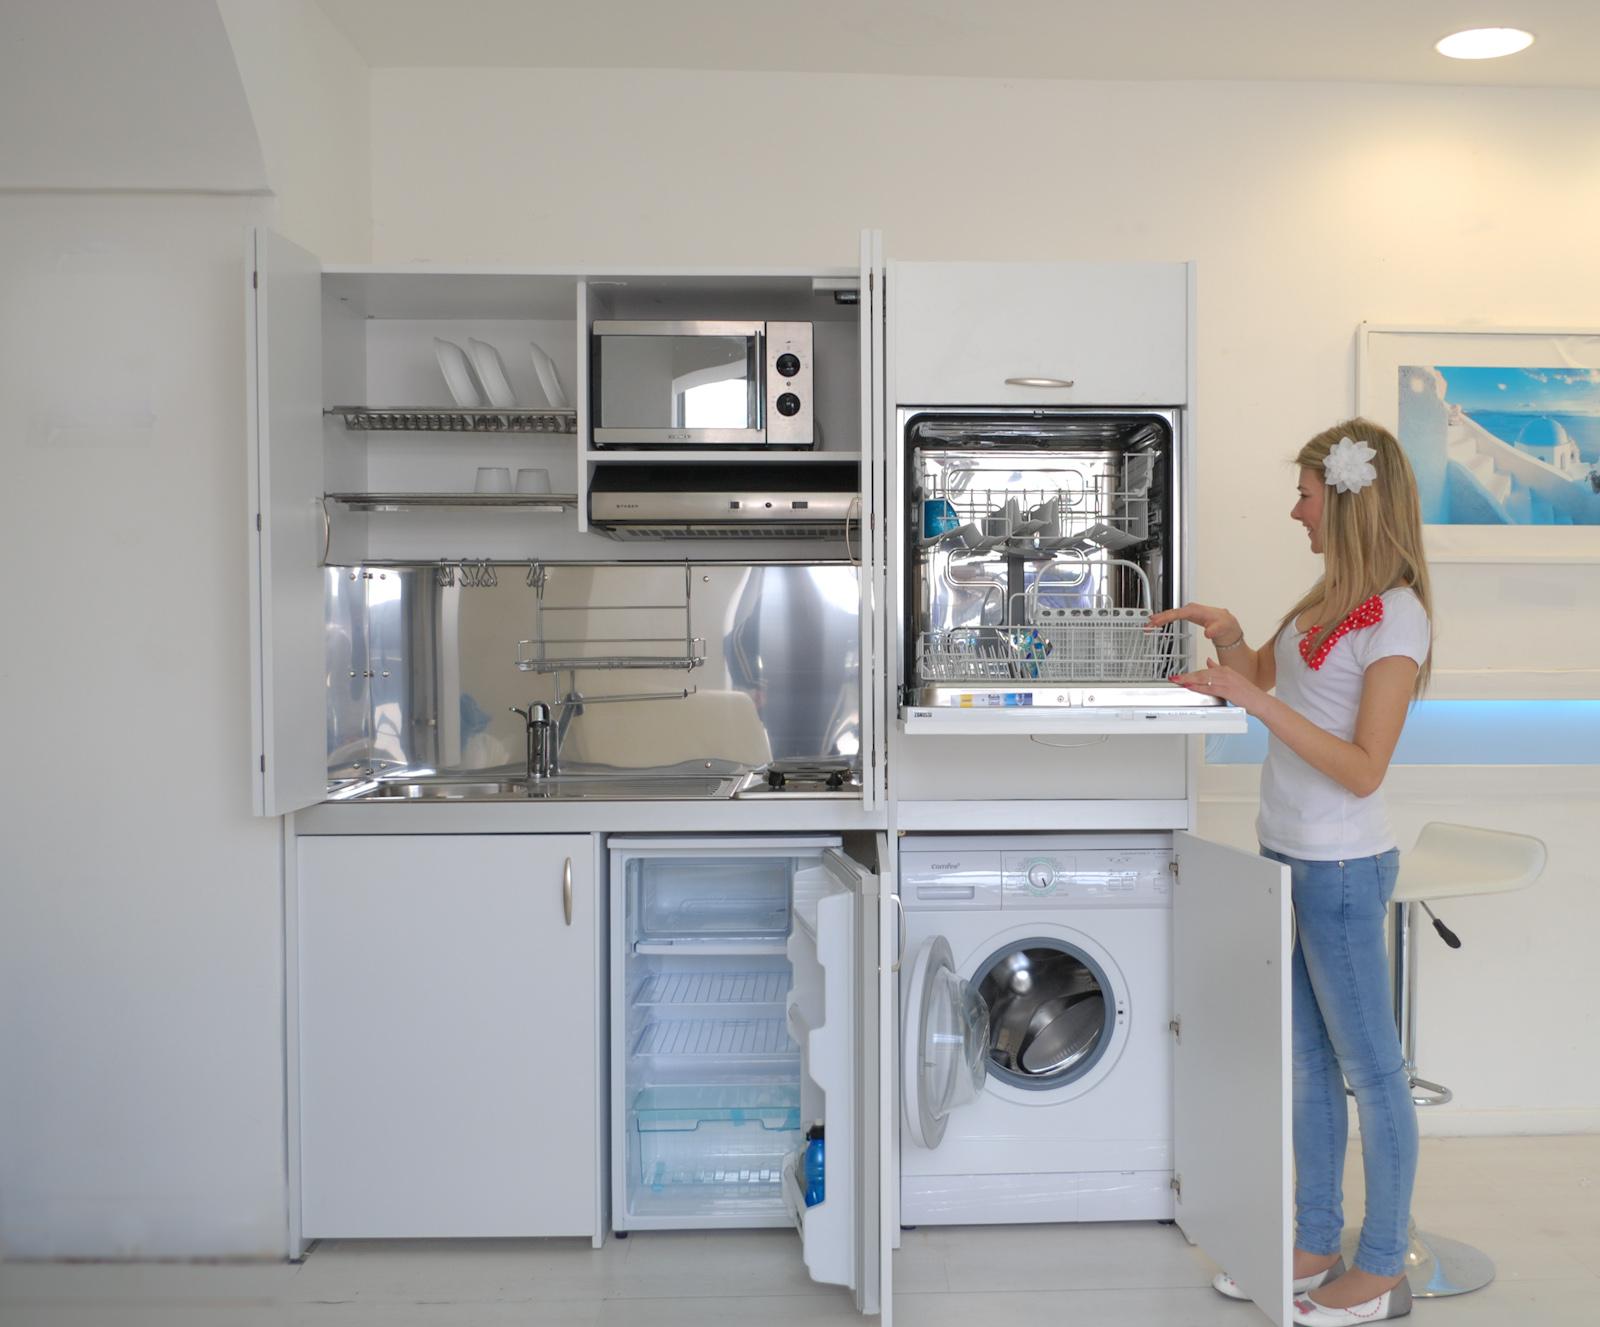 Accessori Salvaspazio Cucina.Monoblocco Cucine Salvaspazio Compact Art 186 Con Serranda